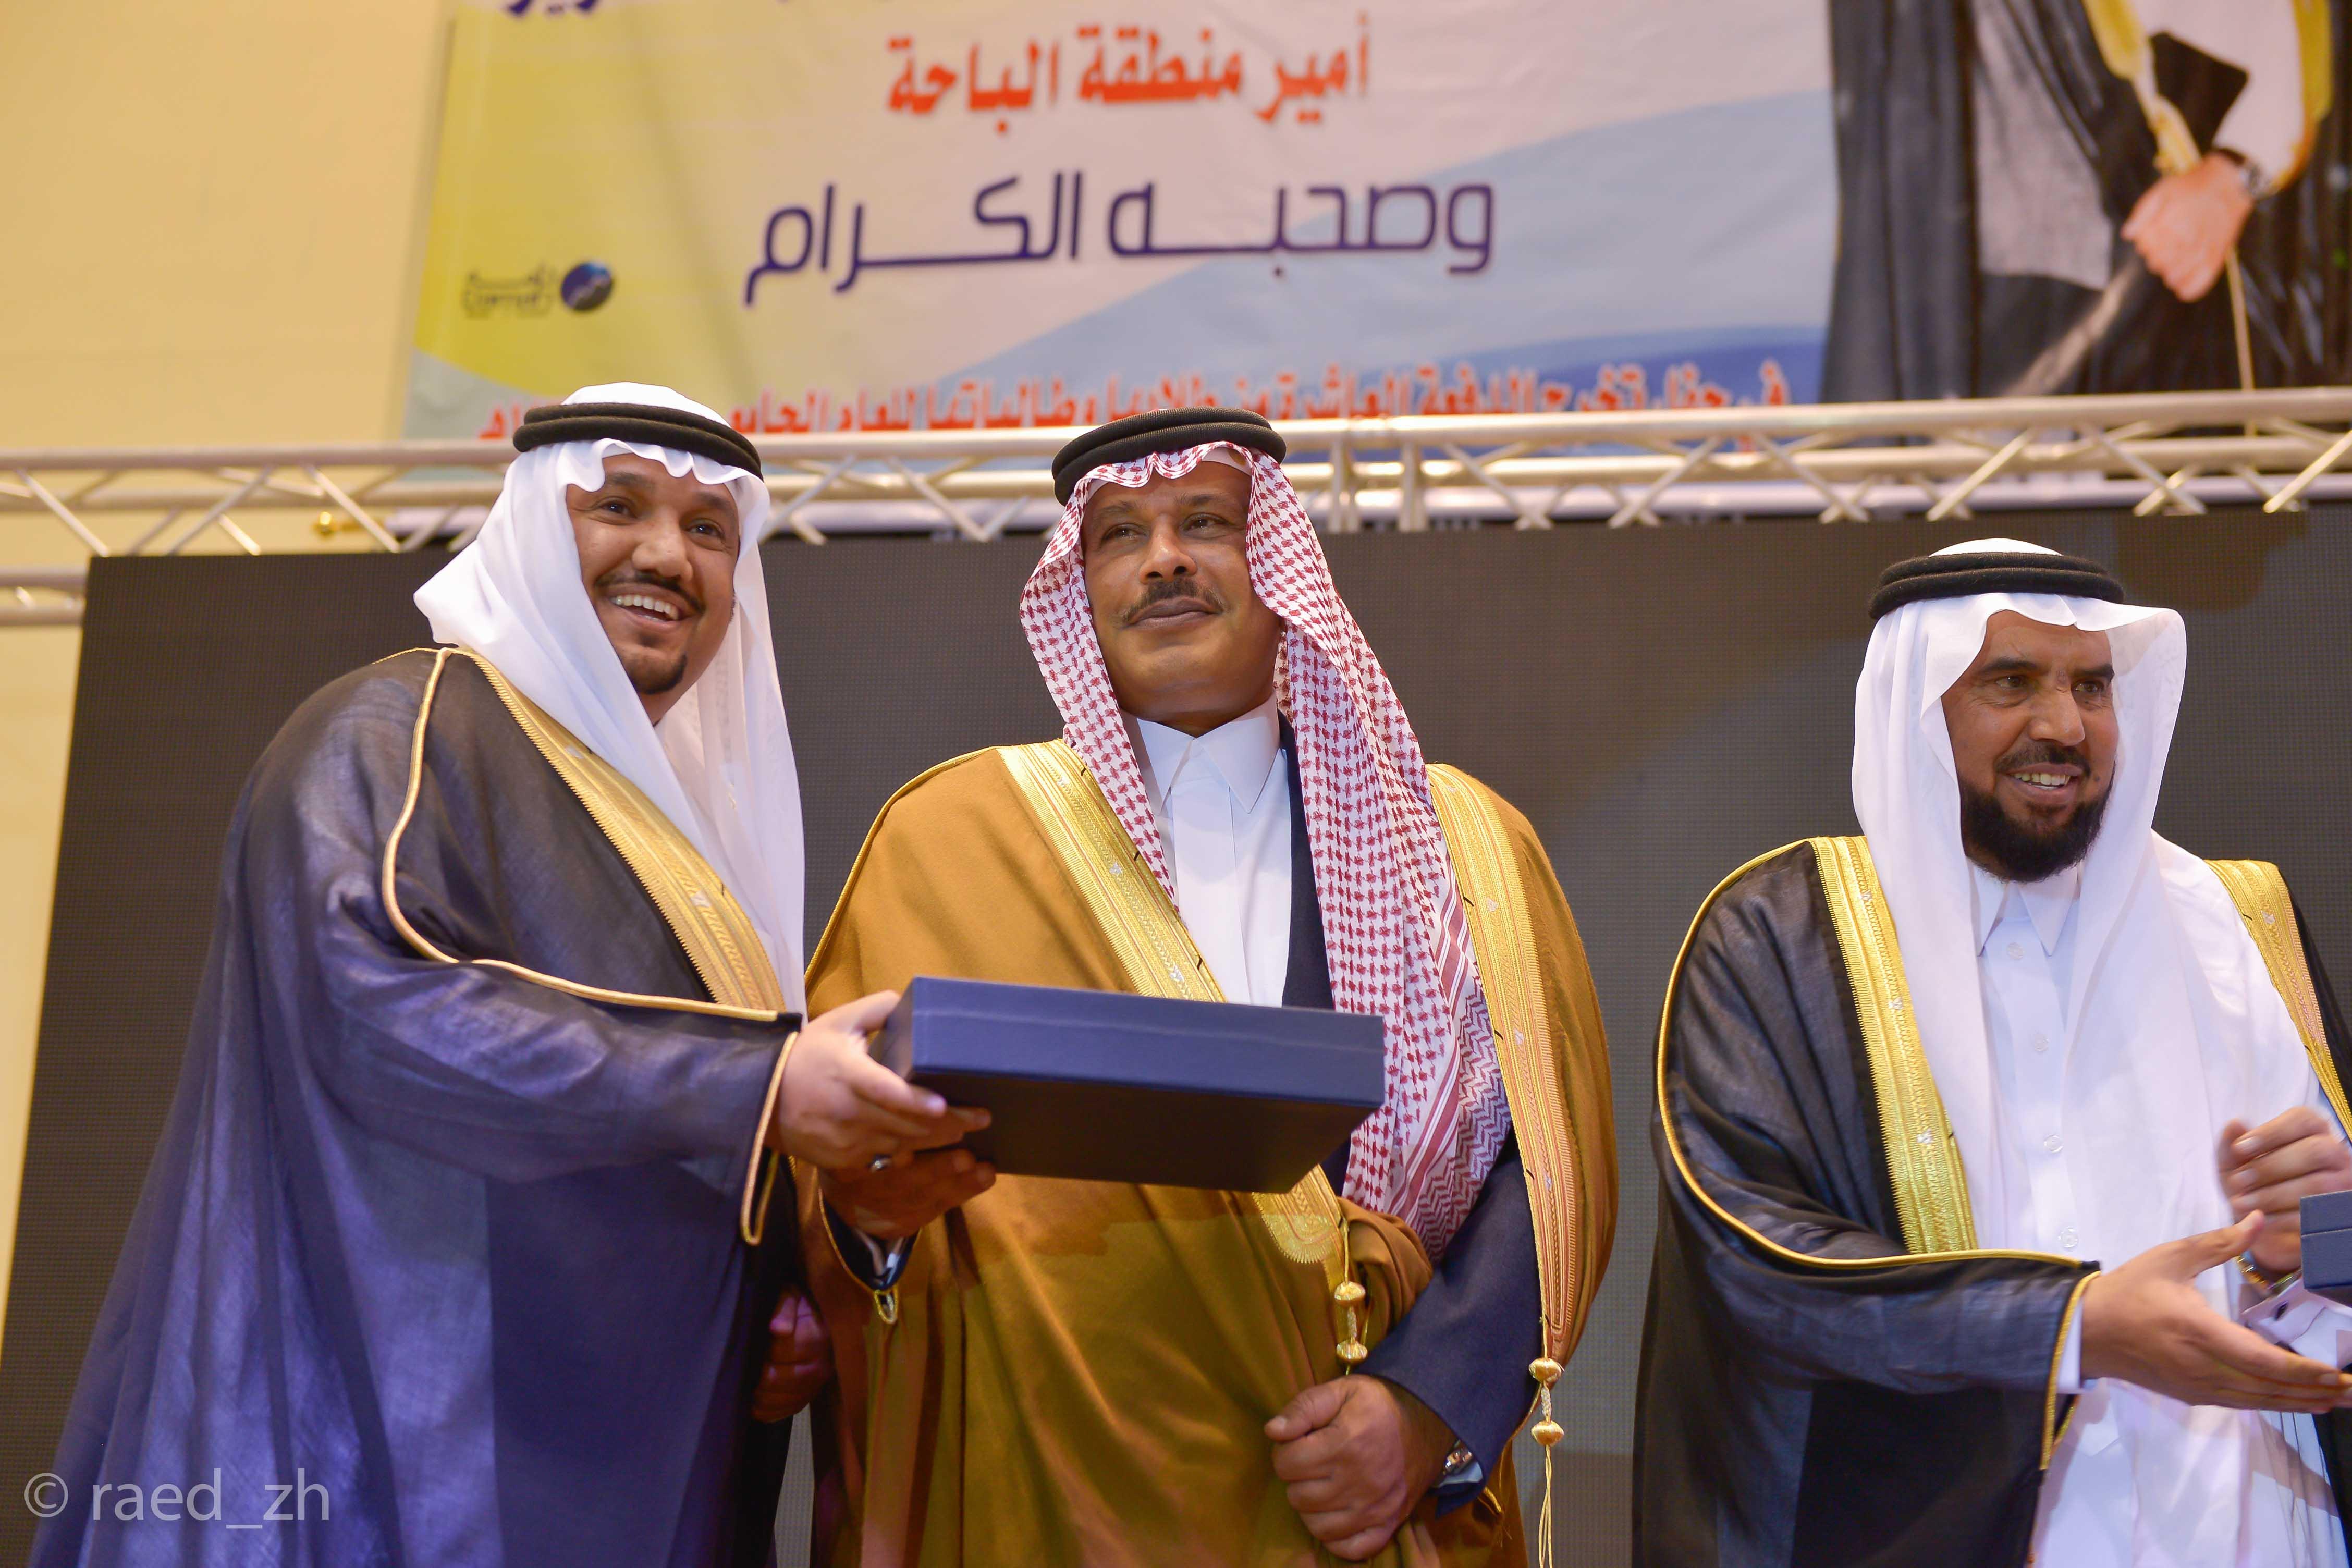 امير الباحة يرعى تخريج الدفعة العاشرة من طلاب وطالبات جامعة الباحة (24)